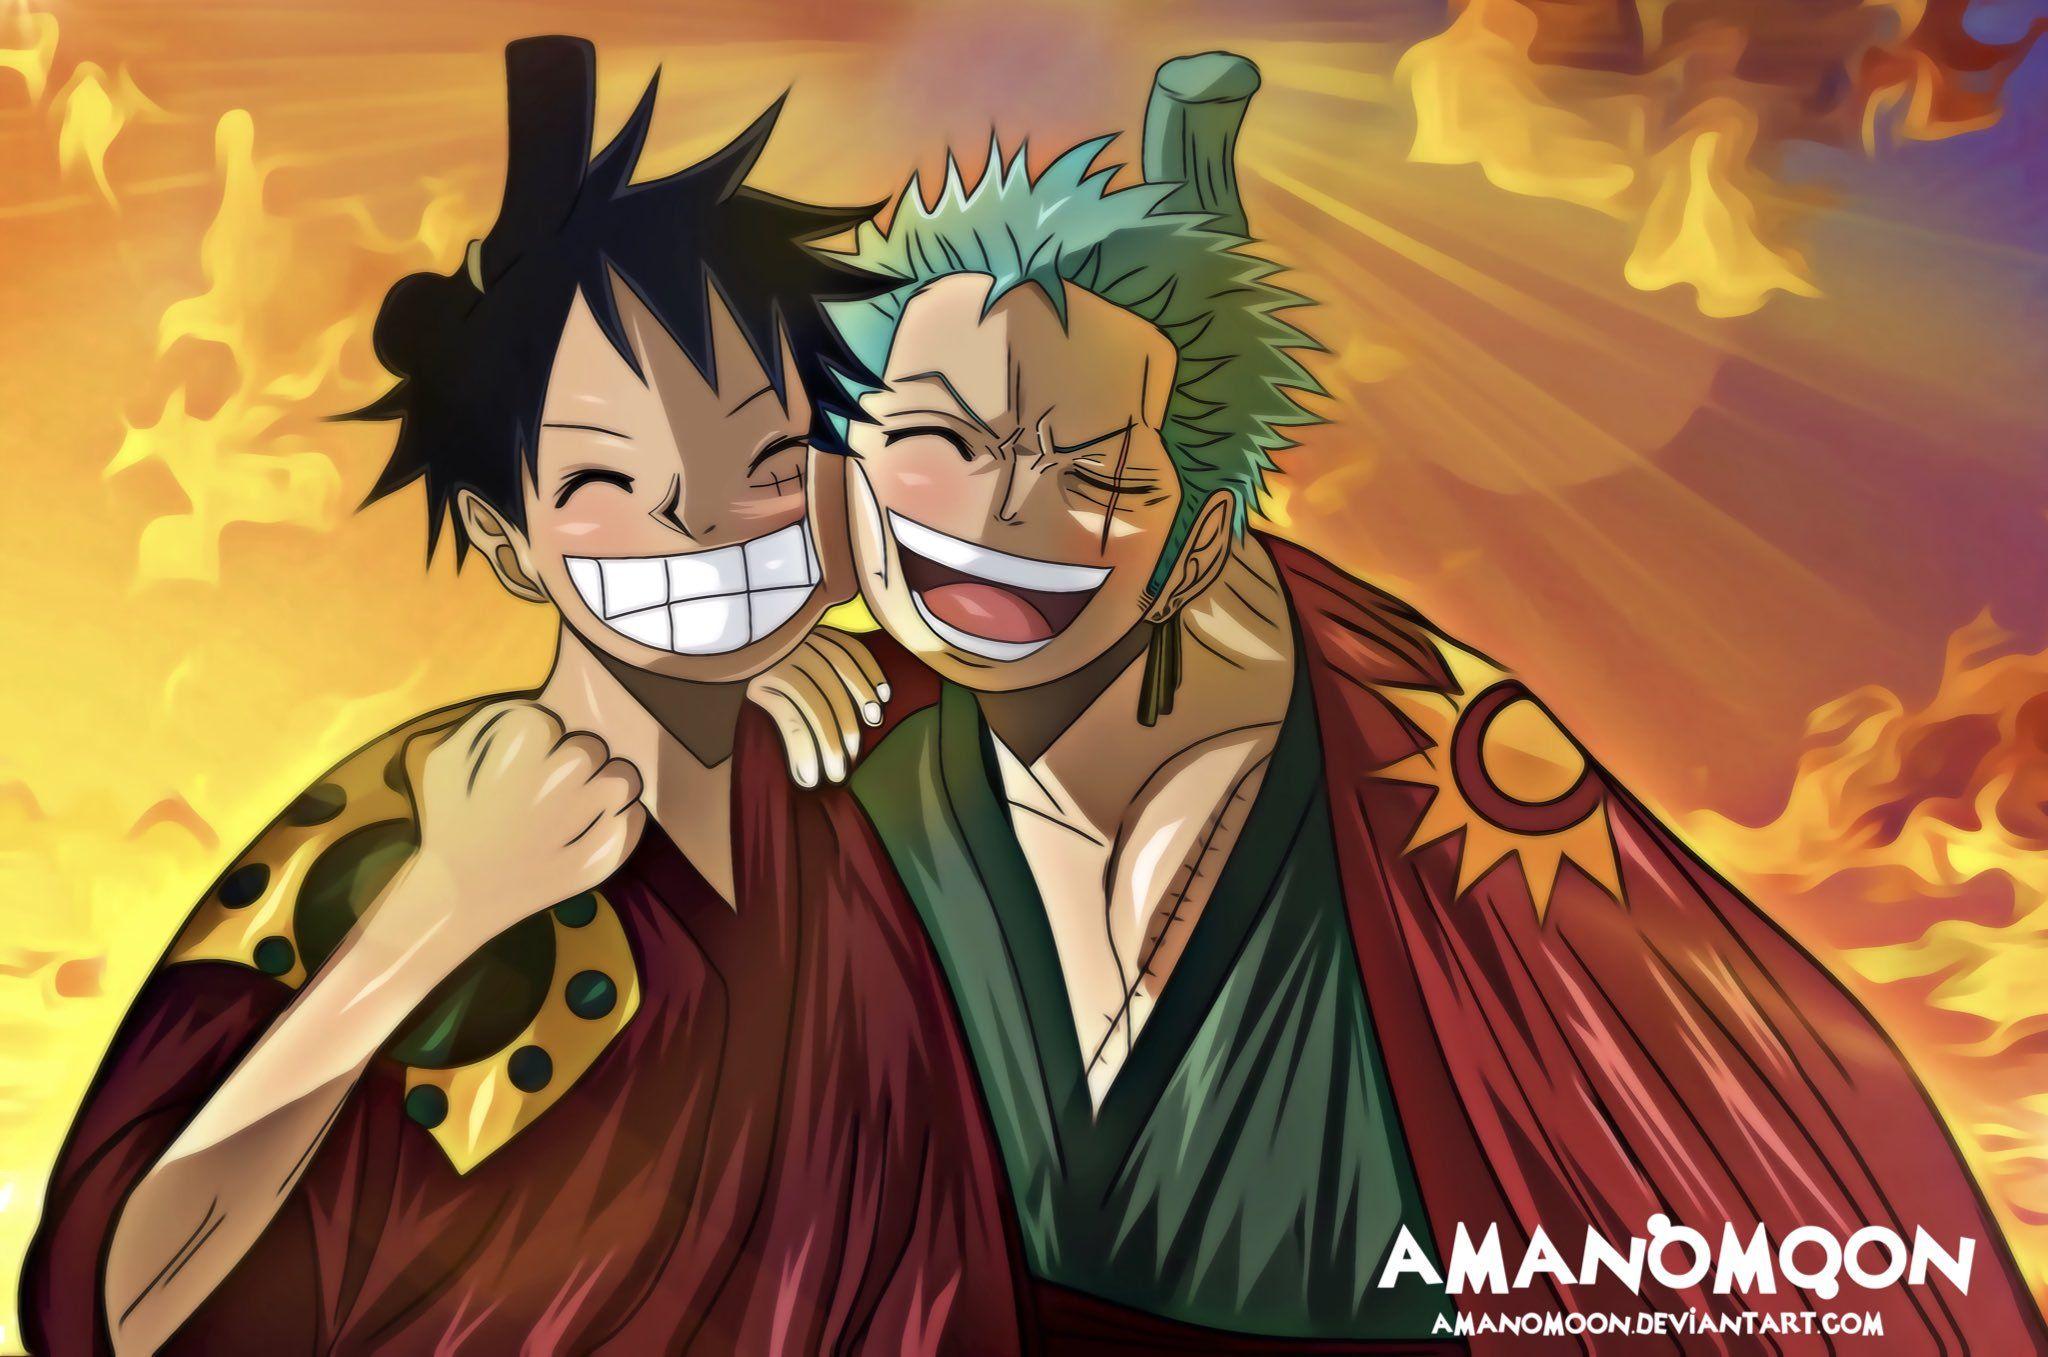 Wallpaper Hd One Piece Zoro Wano